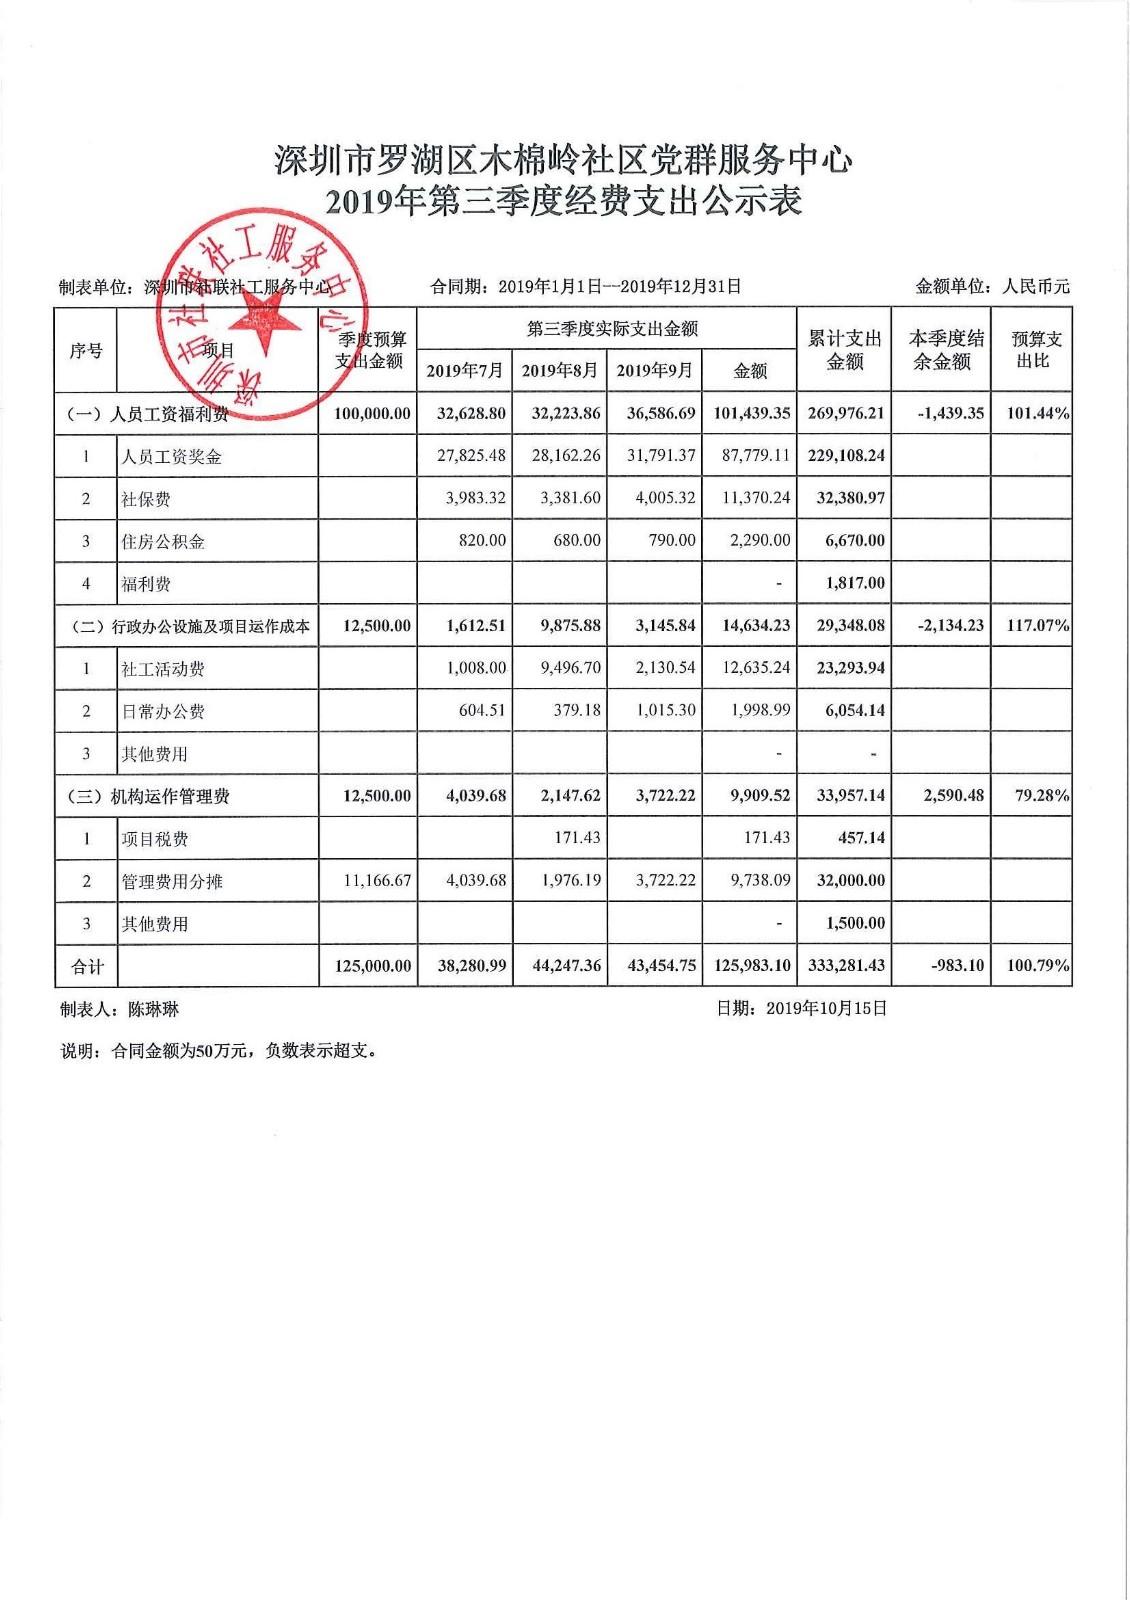 2019年第三季度木棉岭社区费用公示表